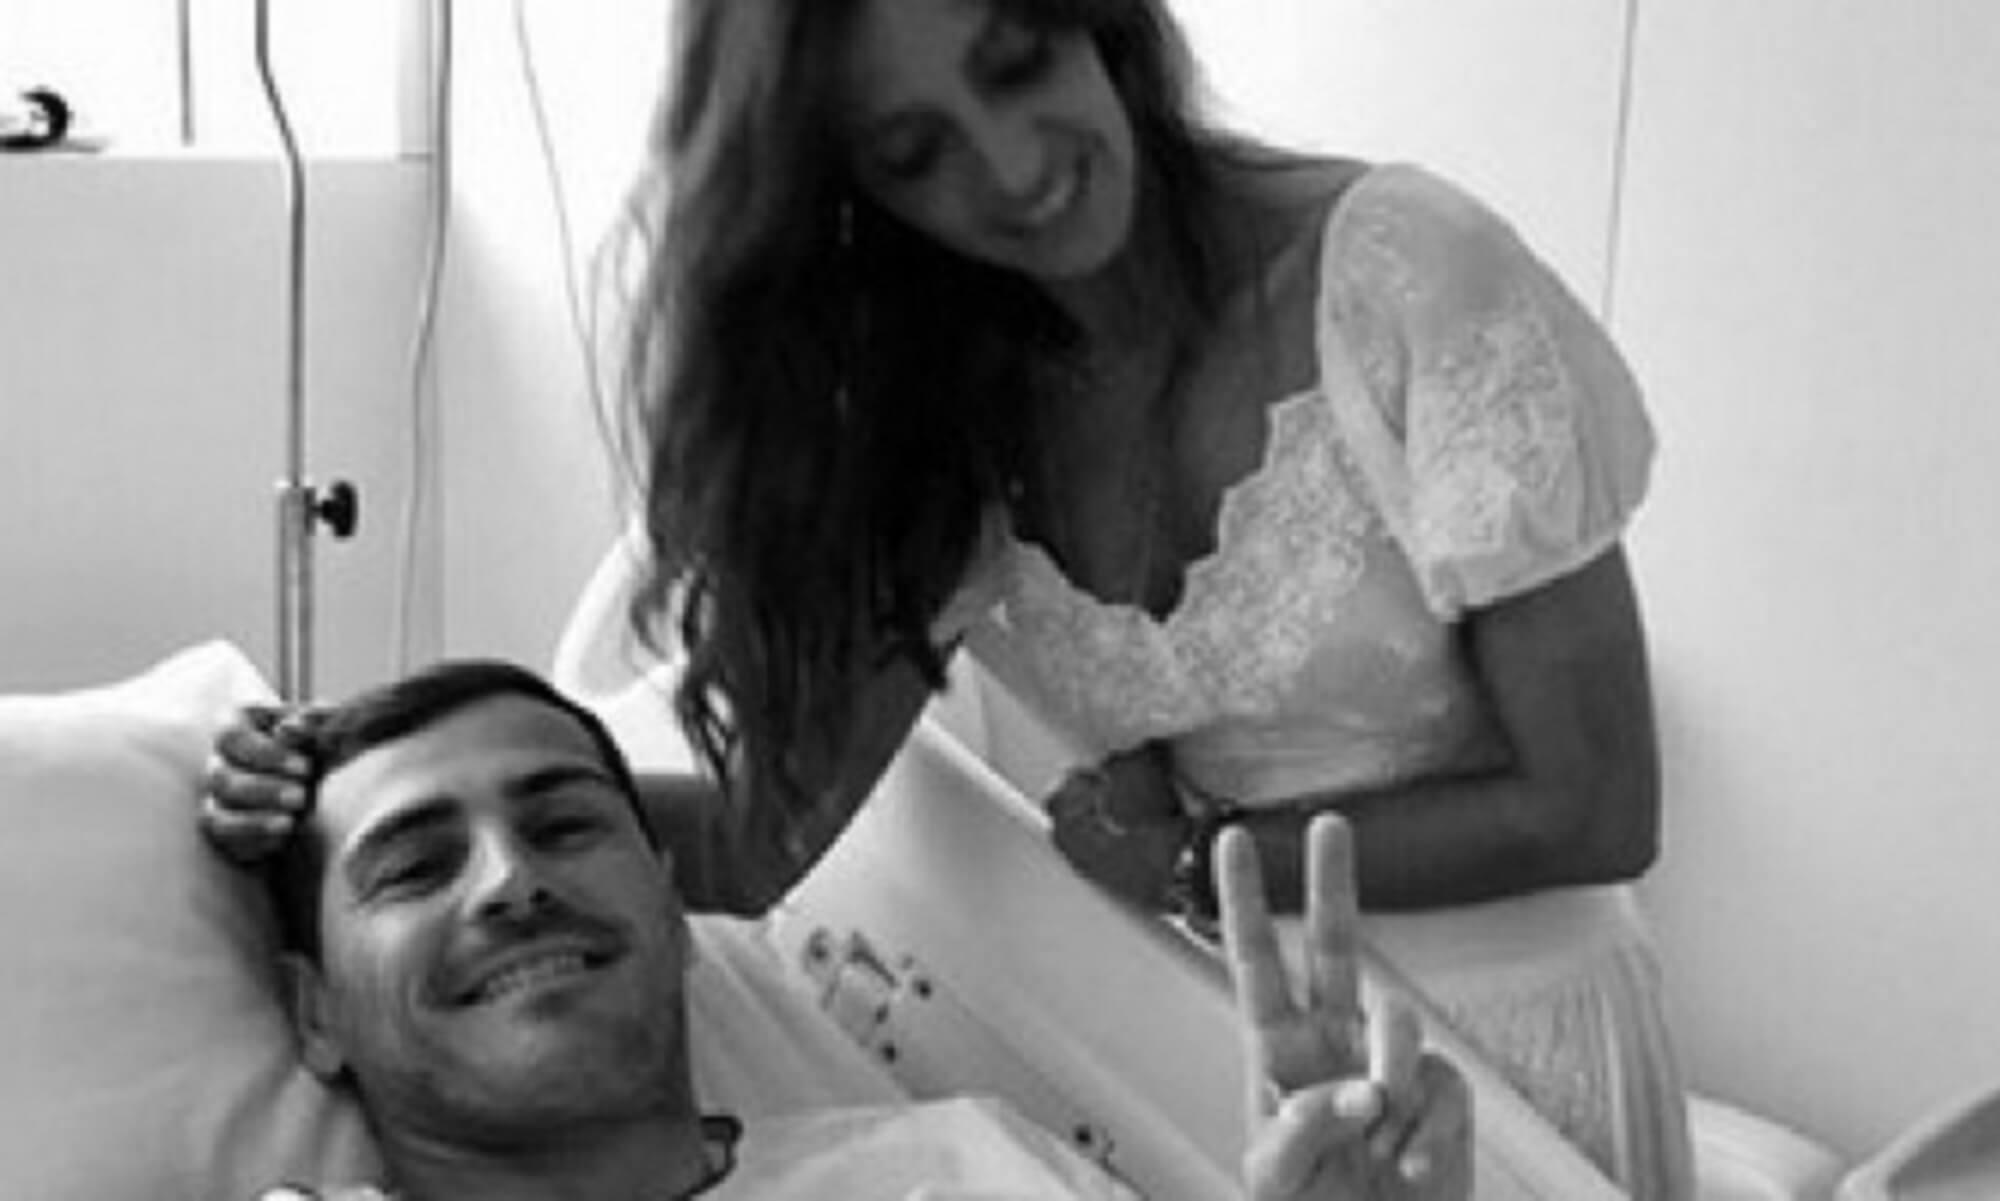 """Κασίγιας: Η φωτογραφία με τη σύζυγο του από το νοσοκομείο – """"Ήταν ένα σοκ"""""""